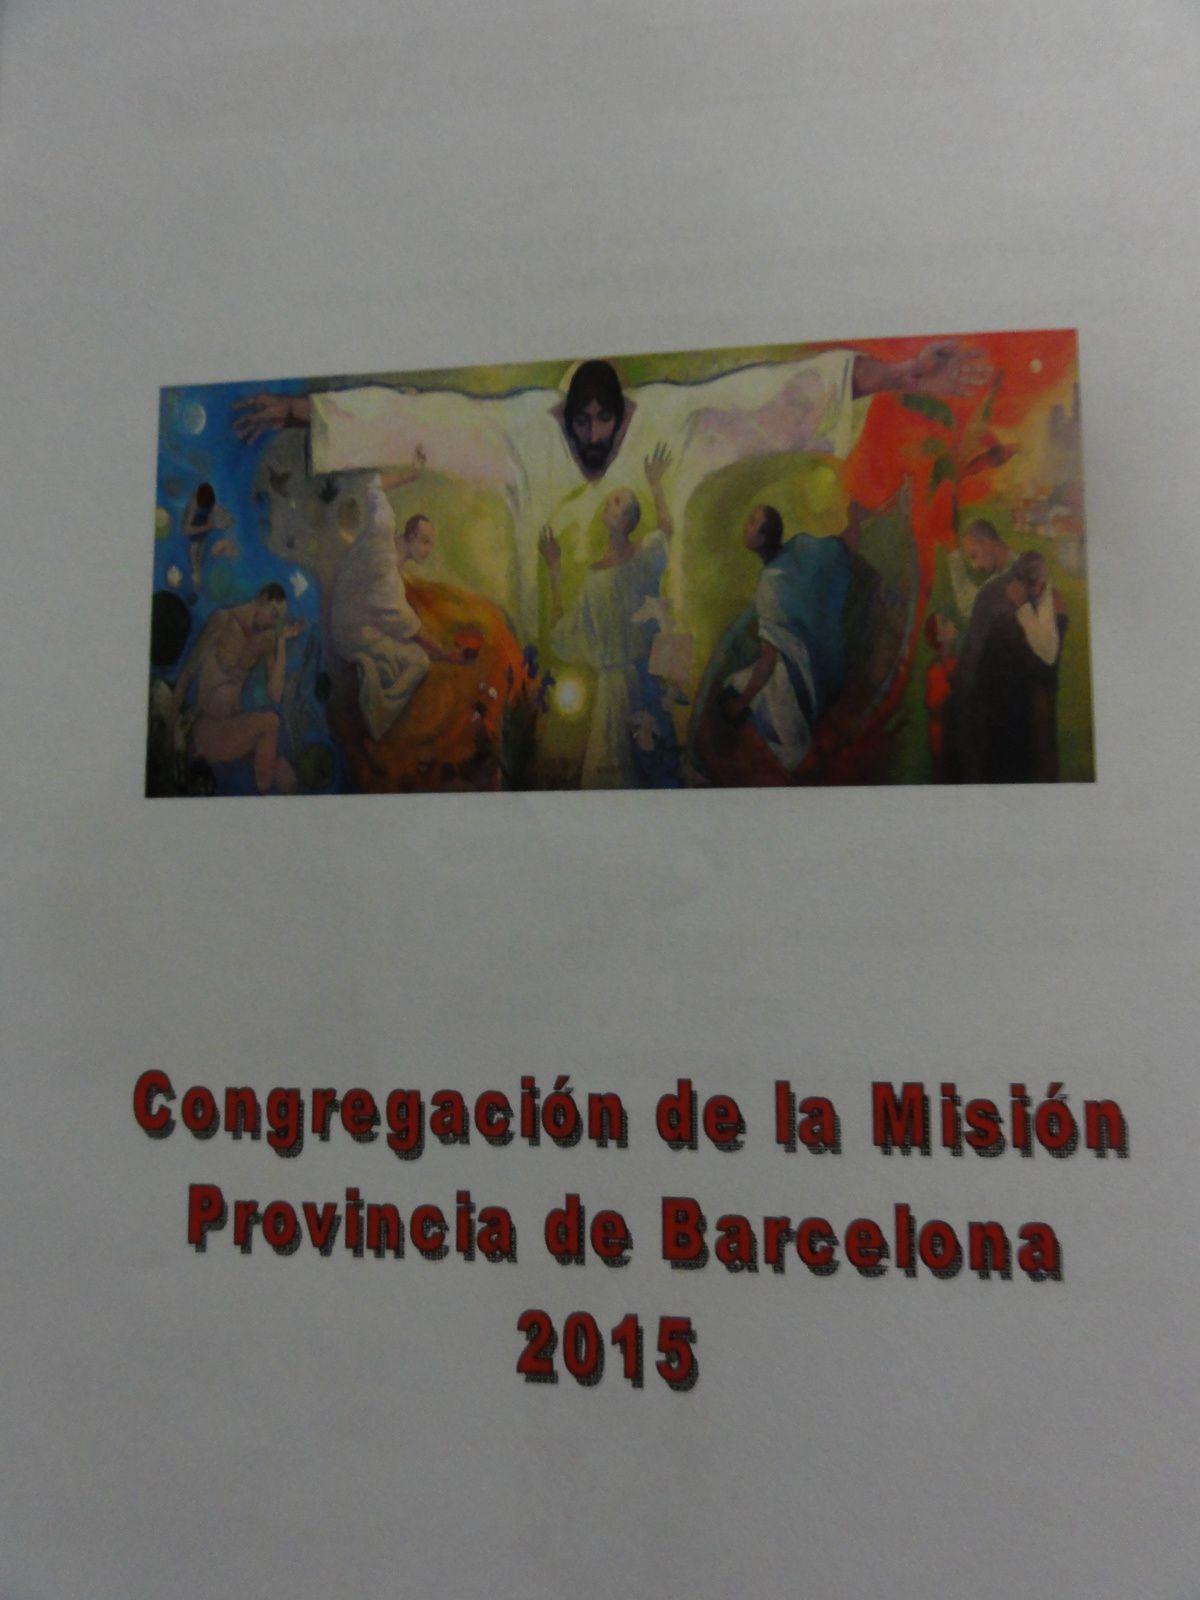 BARCELONA - DIA de la PROVINCIA... - En Folleville: 25 de Enero de 1617: Primer sermón de la Misión